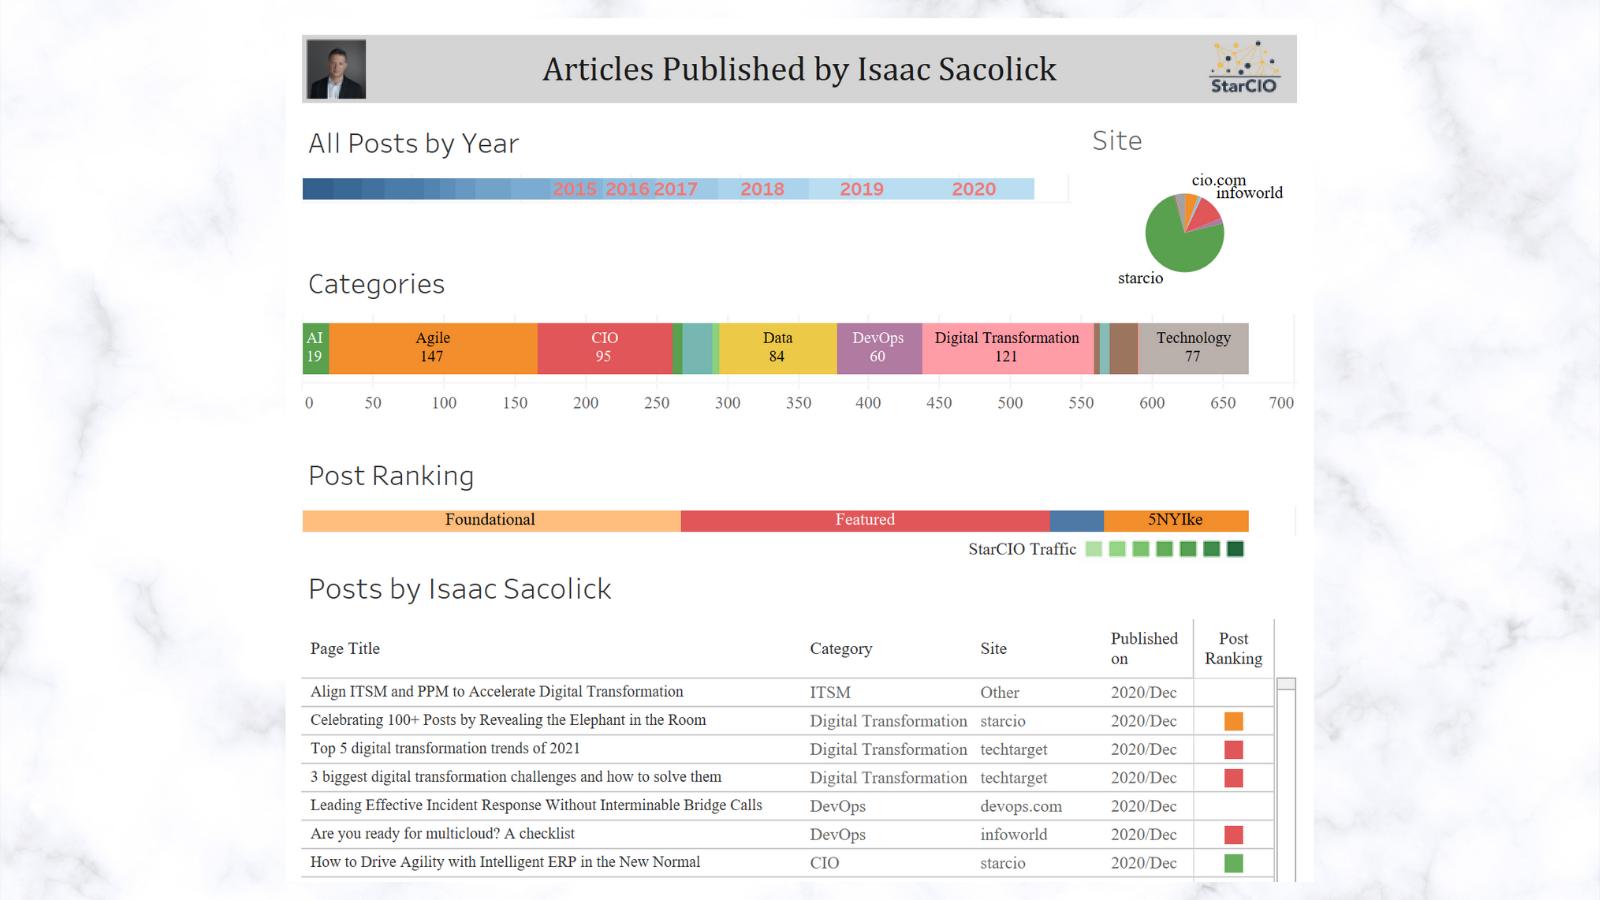 650+ Articles by Isaac Sacolick